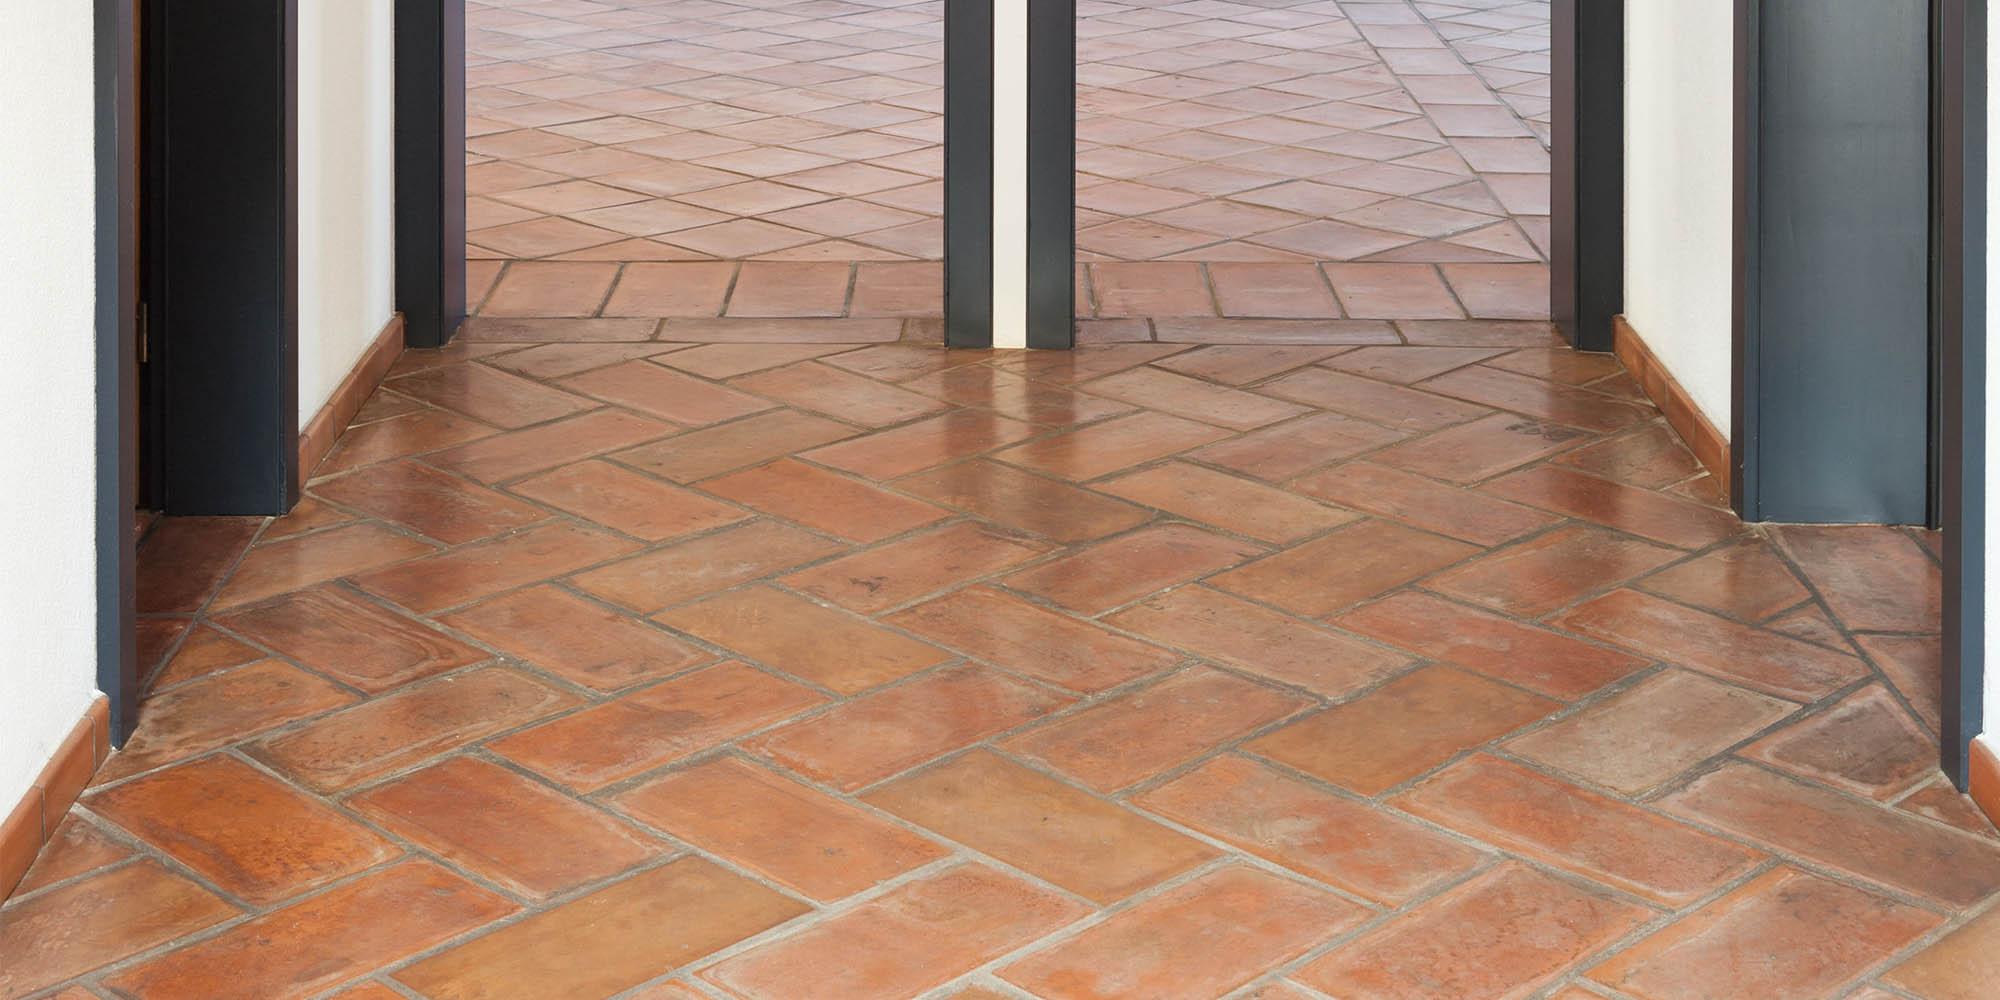 Anticfang baldosas rectangulares - Baldosas de hormigon para jardin ...